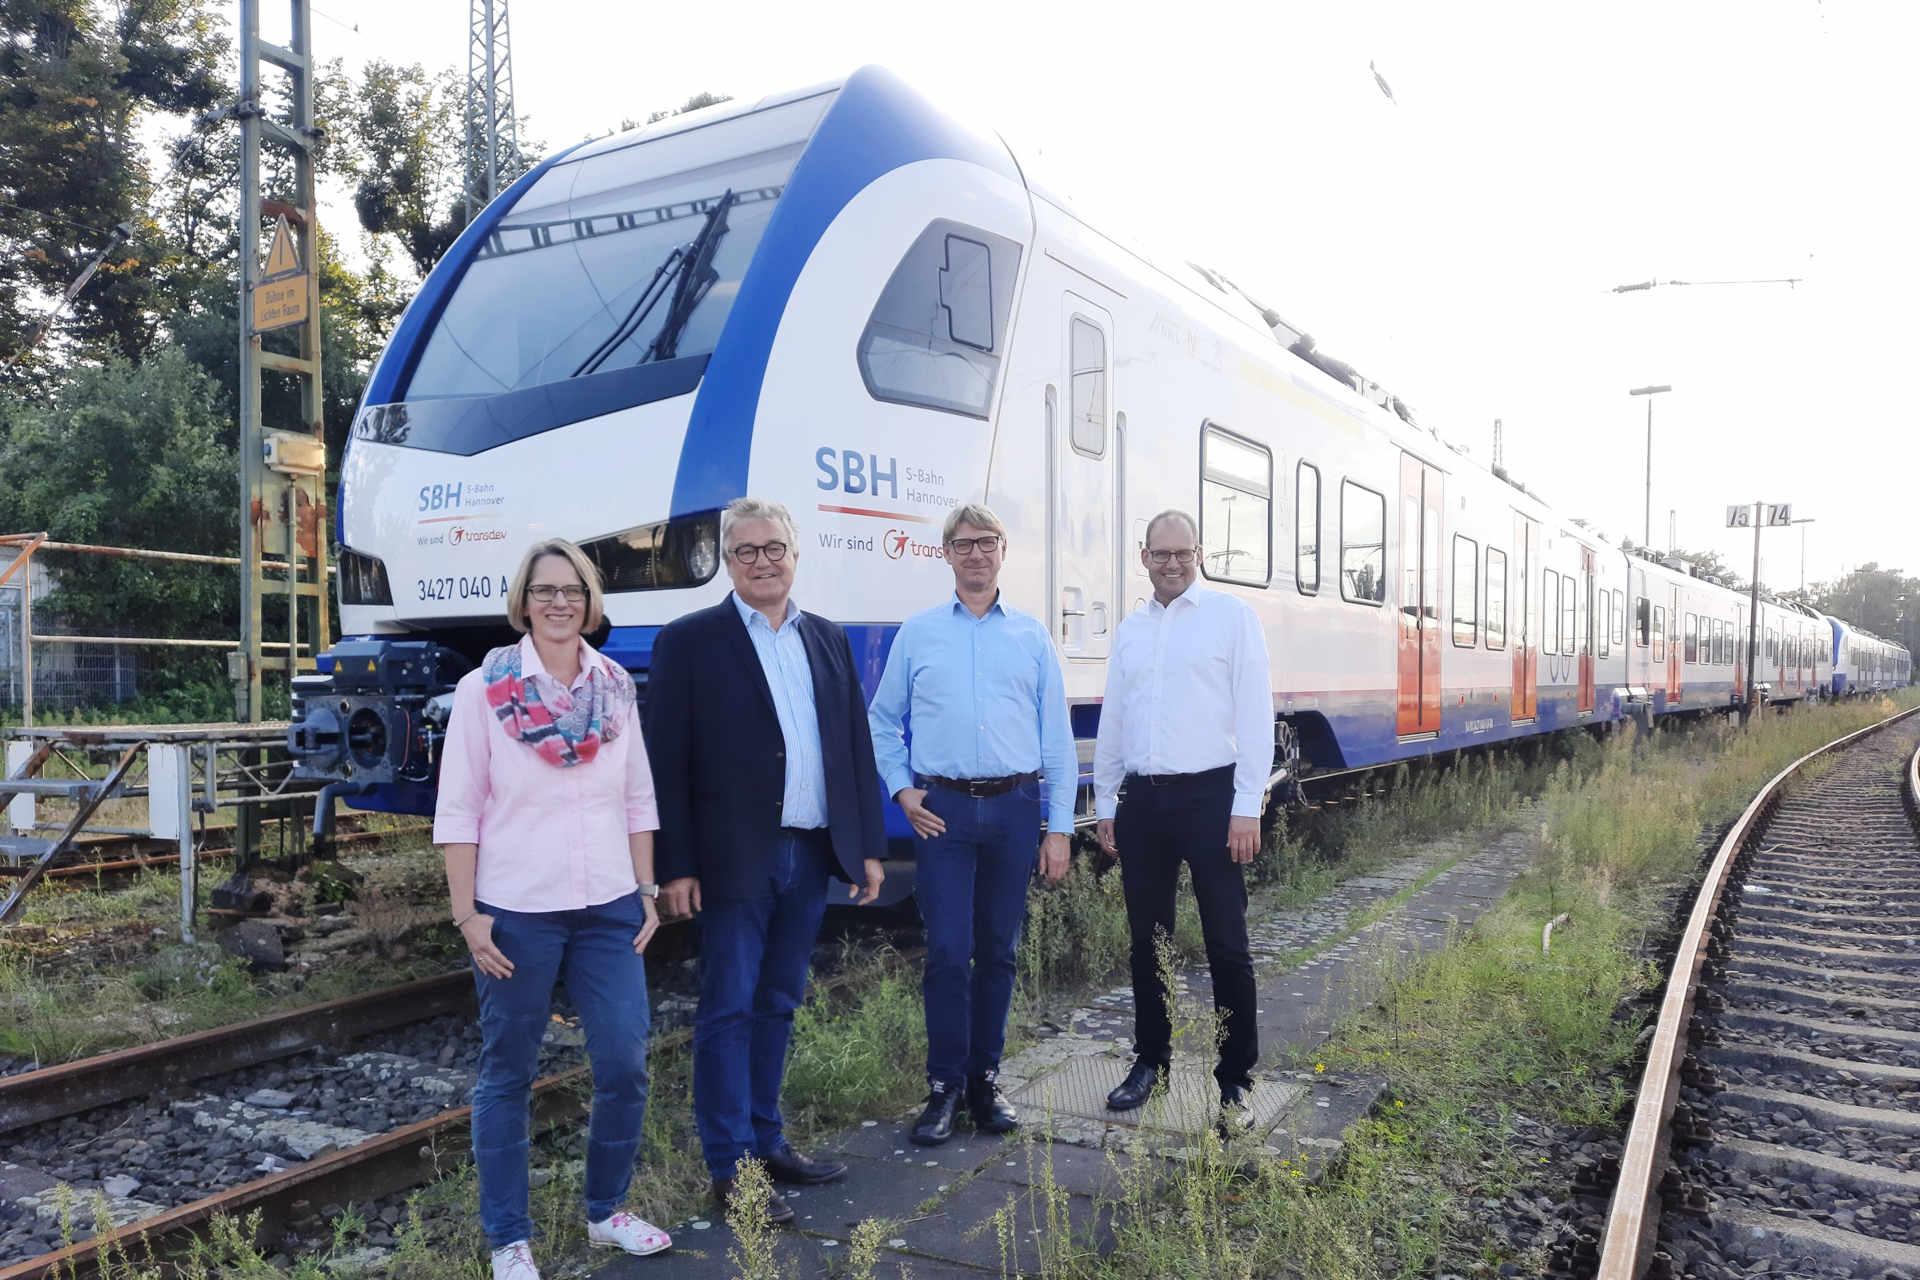 S-Bahn Hannover